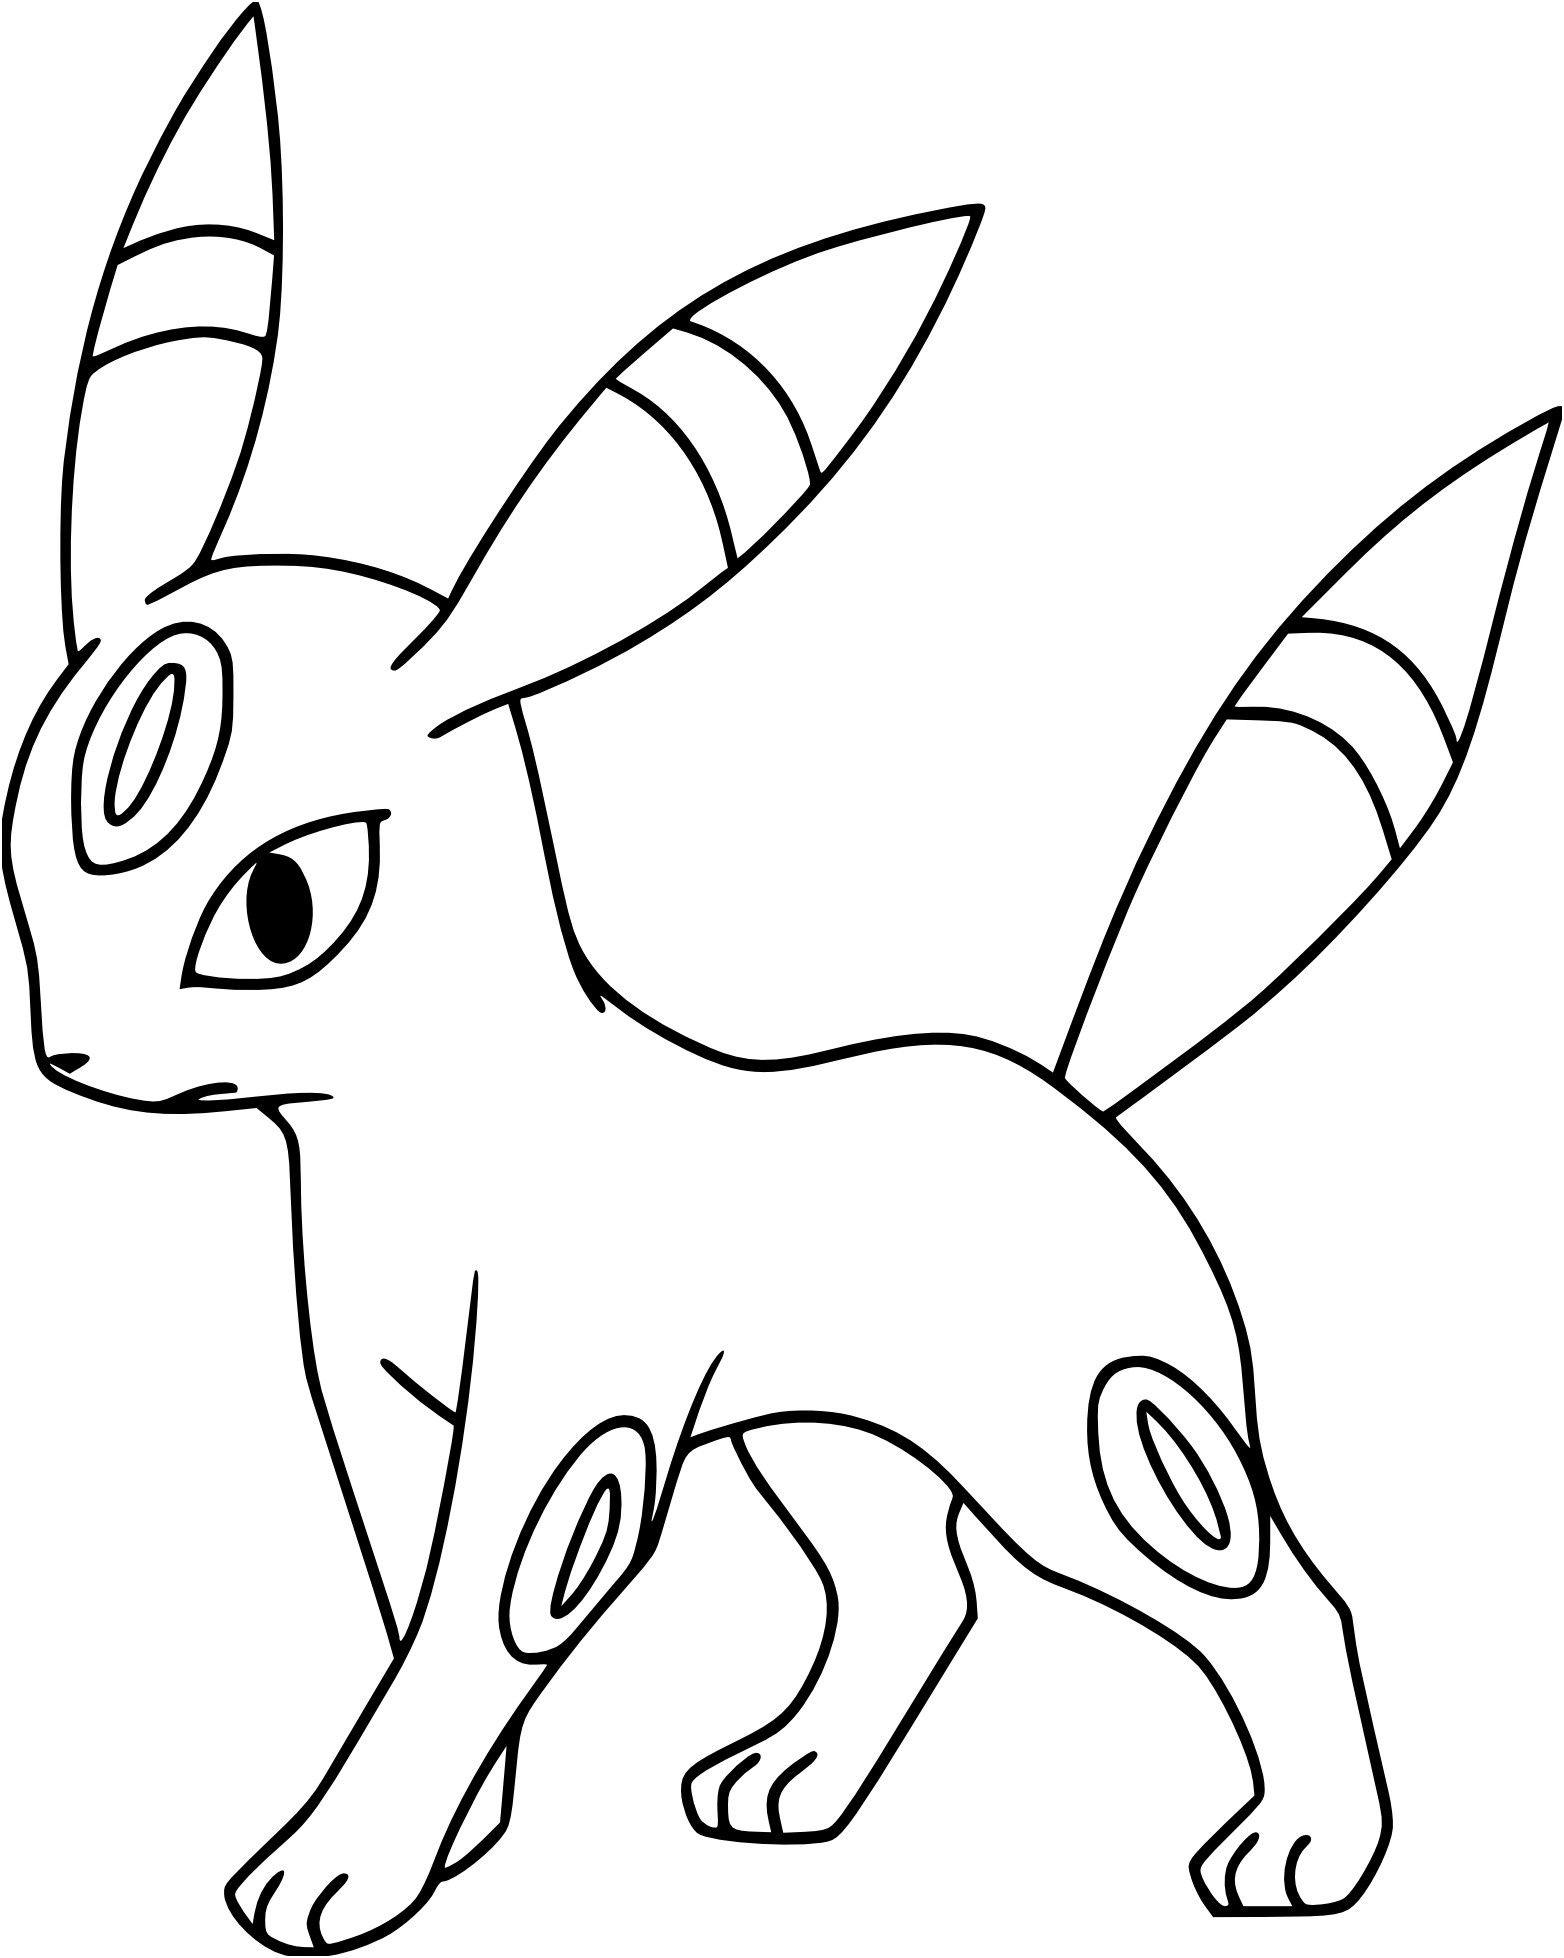 14 Typique Coloriage Mentali Gallery Coloriage Pokemon Pokemon A Imprimer Dessin Pokemon